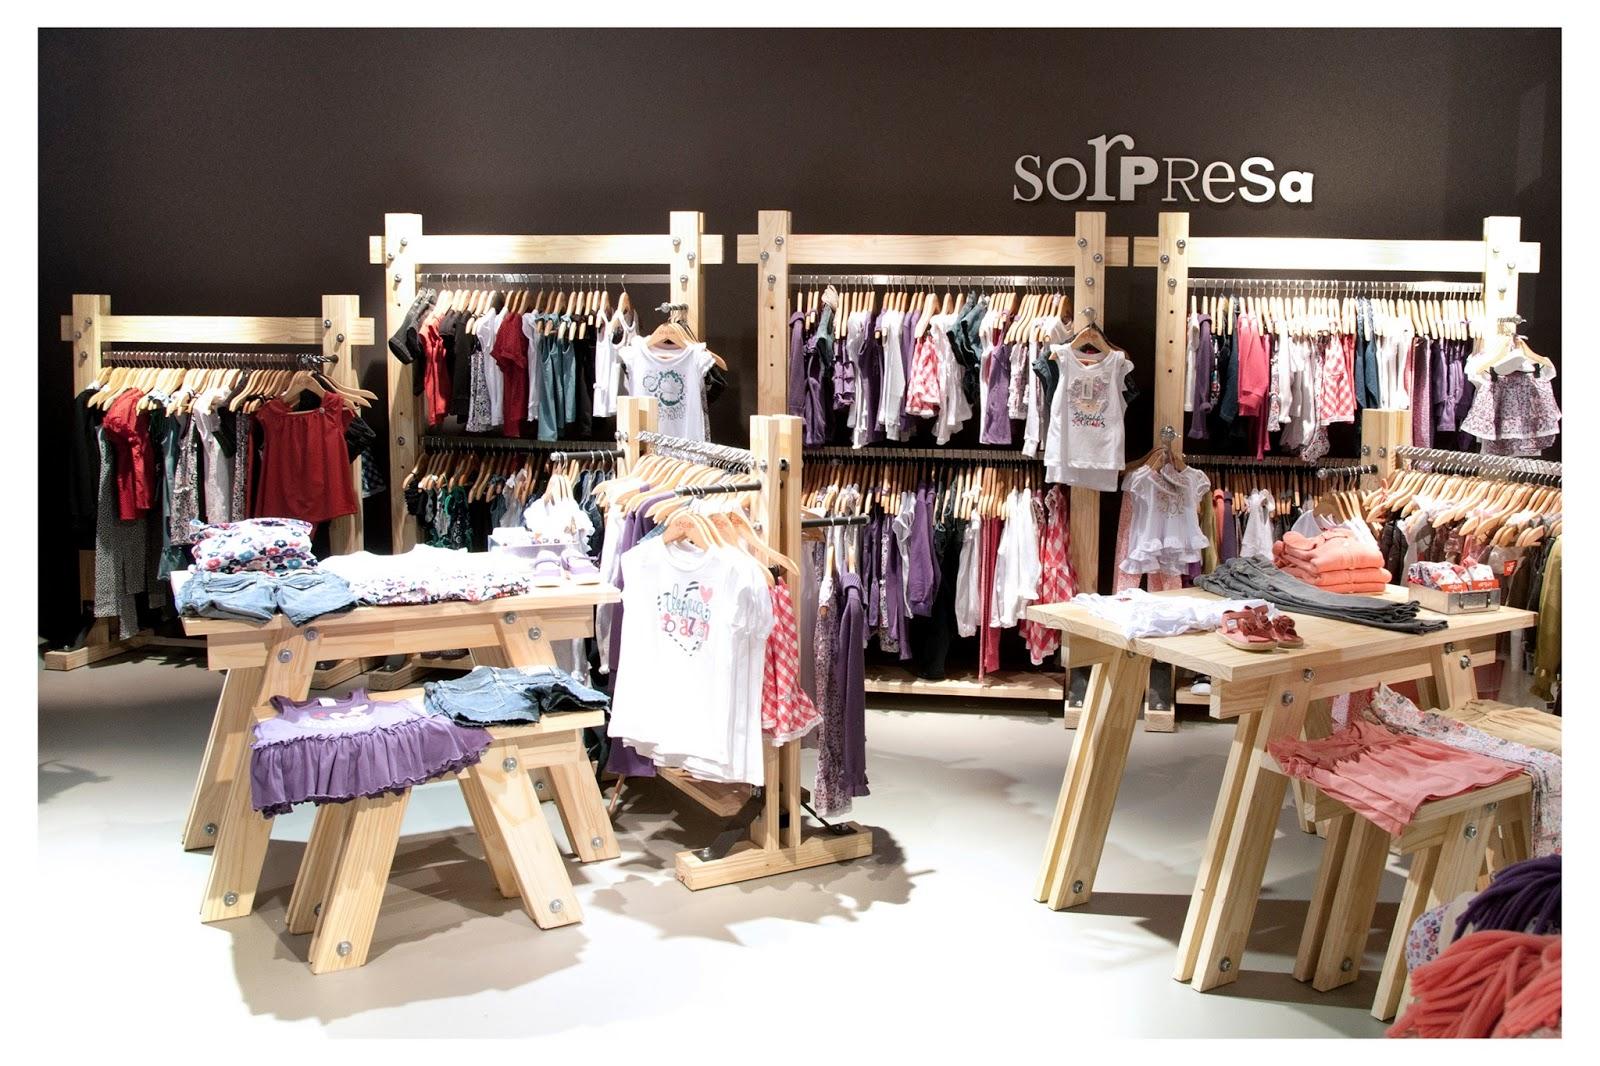 Grisino nuevas tiendas con nueva imagen decora for Decoracion de negocios de ropa